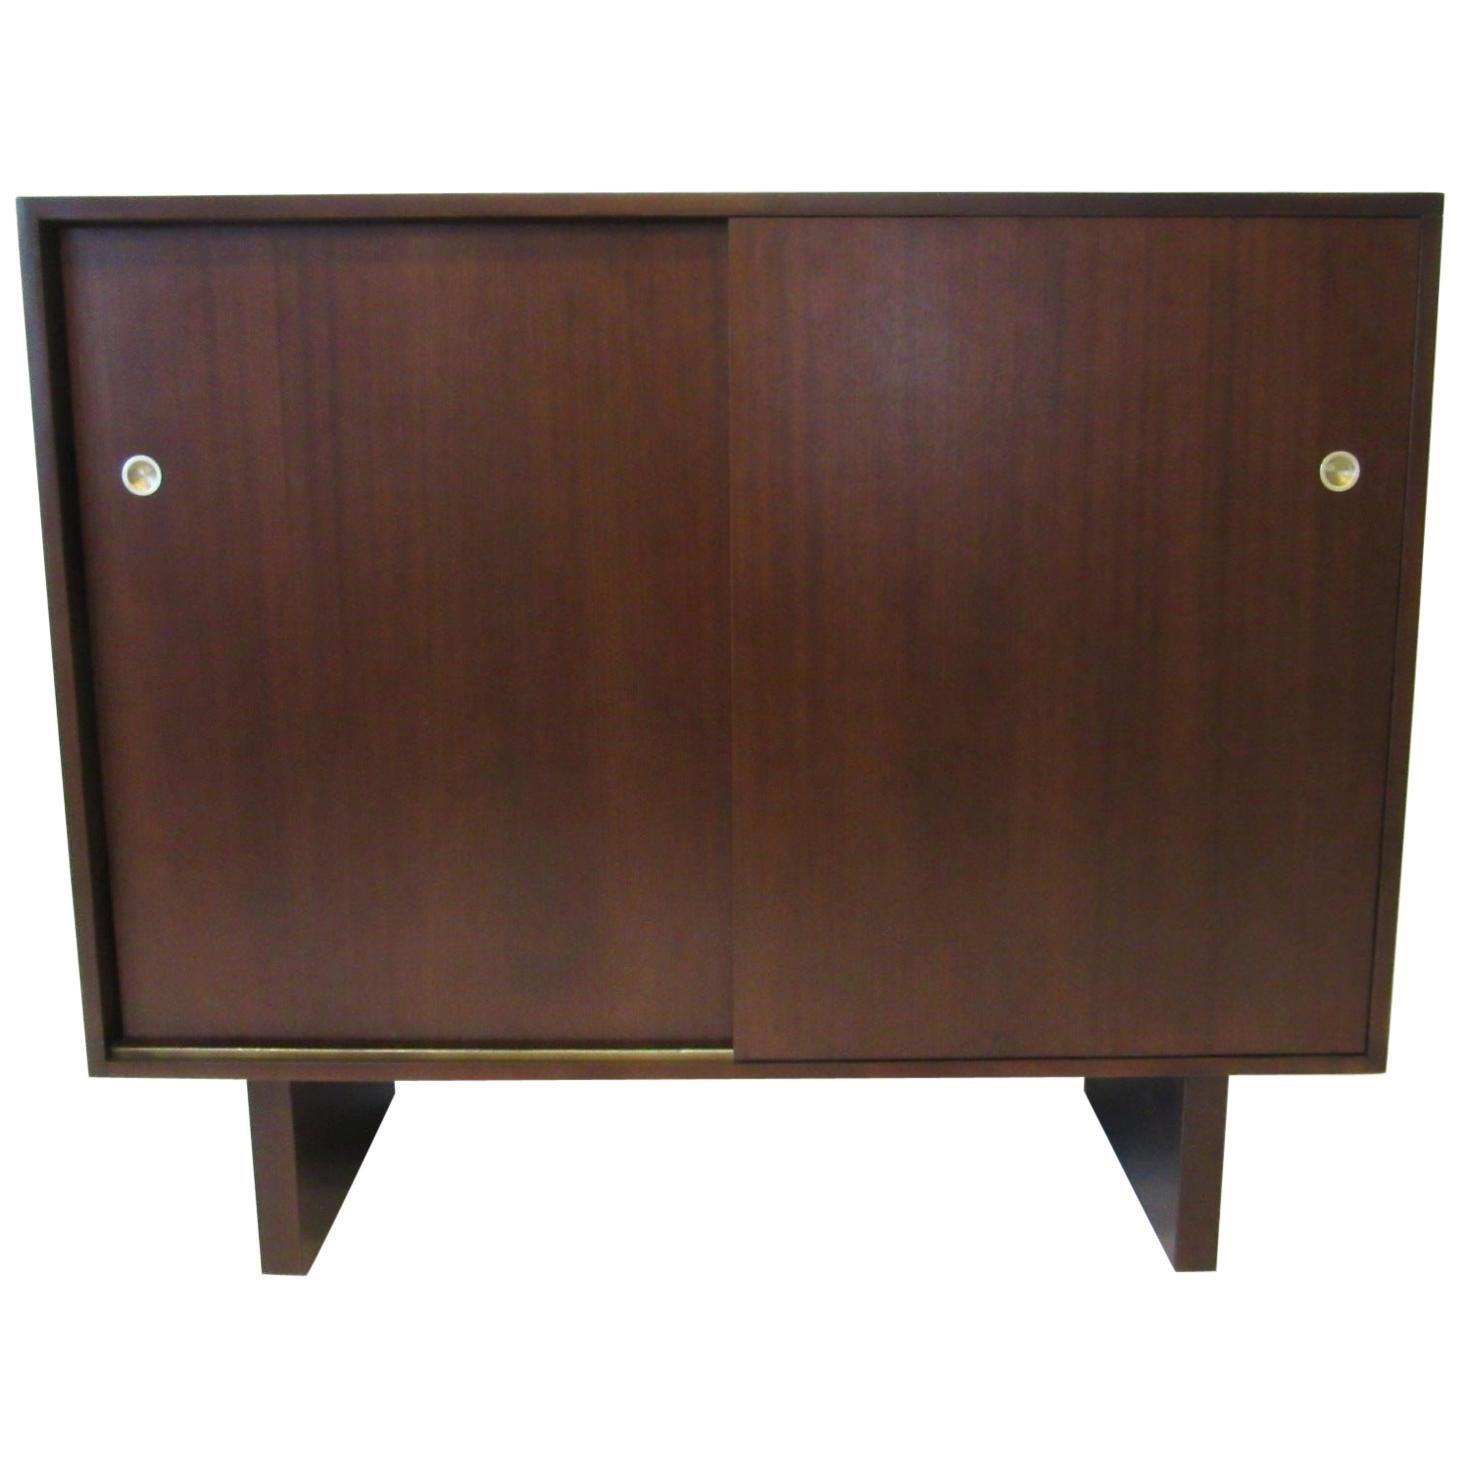 Widdicomb Dresser Chest by T.H. Robsjohn-Gibbings